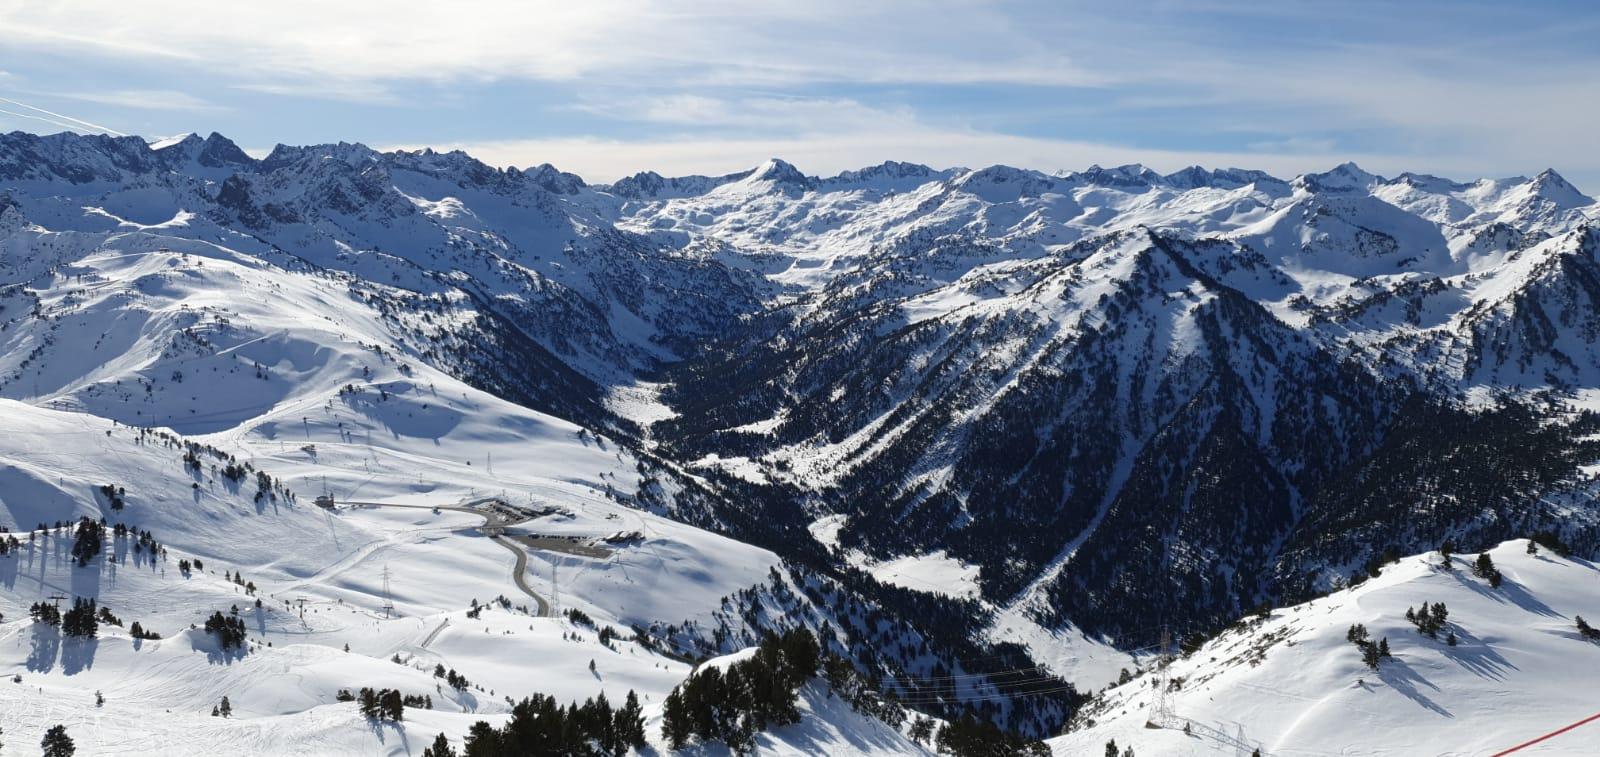 La mejor nieve para esquiar está en Baqueira Beret